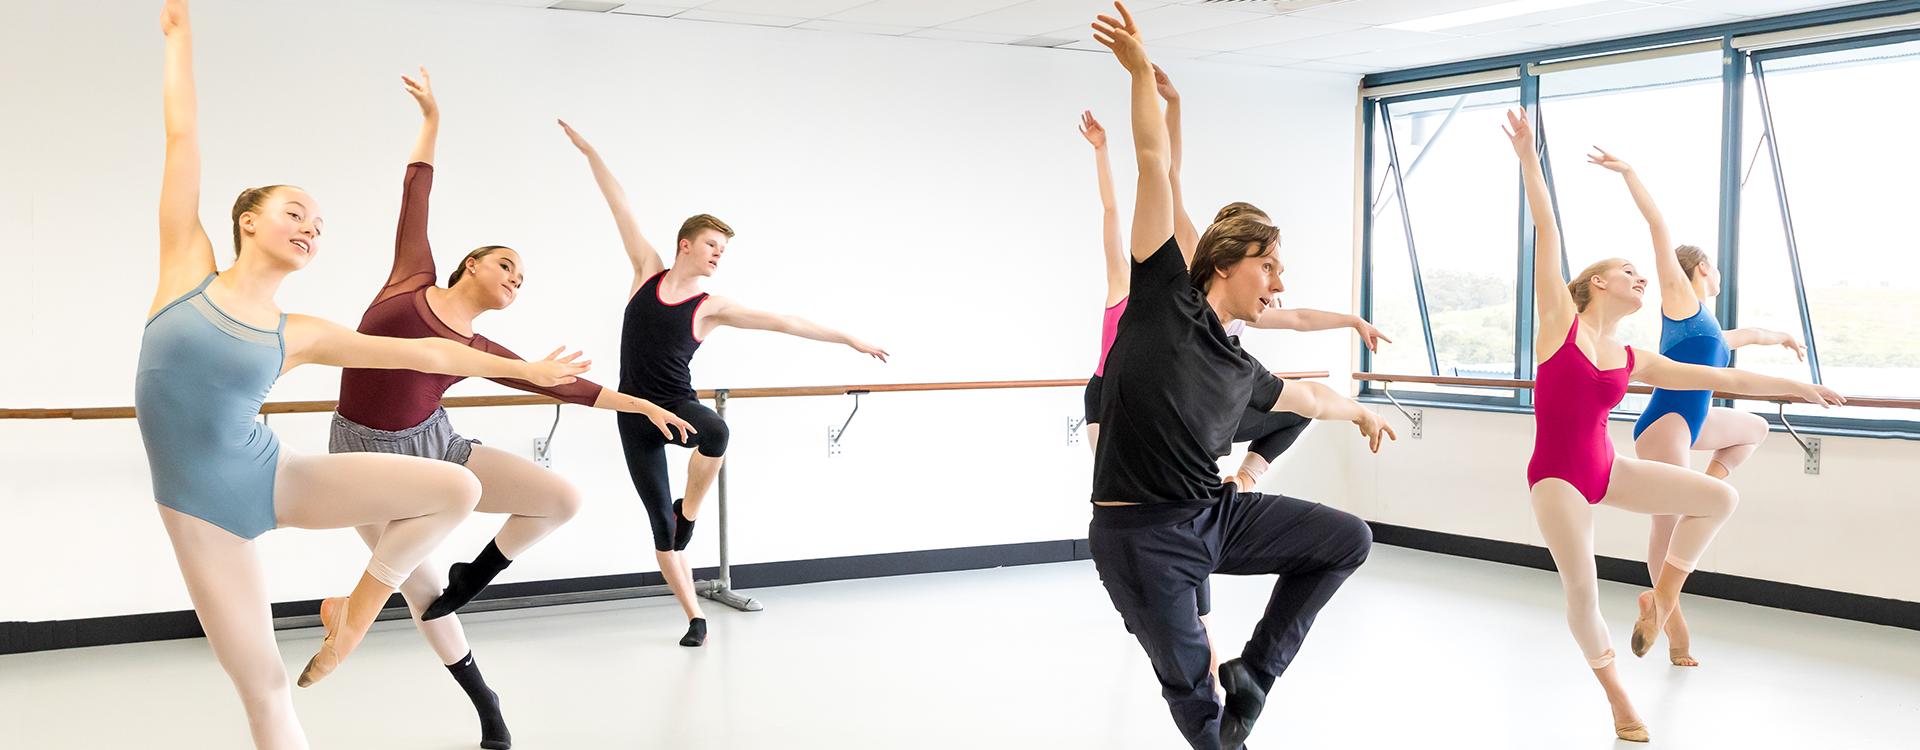 Stop Look Instant Replay Ballet Skirt Instant Replay